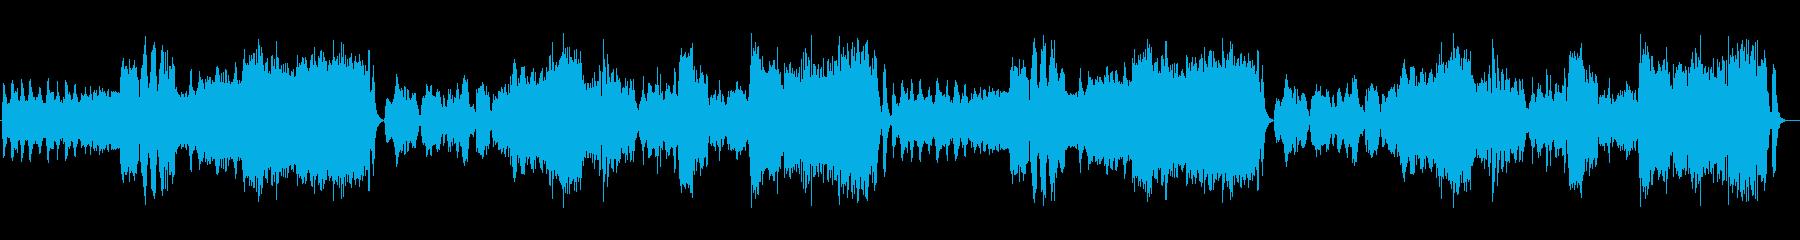 交響曲第40番オーケストラの再生済みの波形